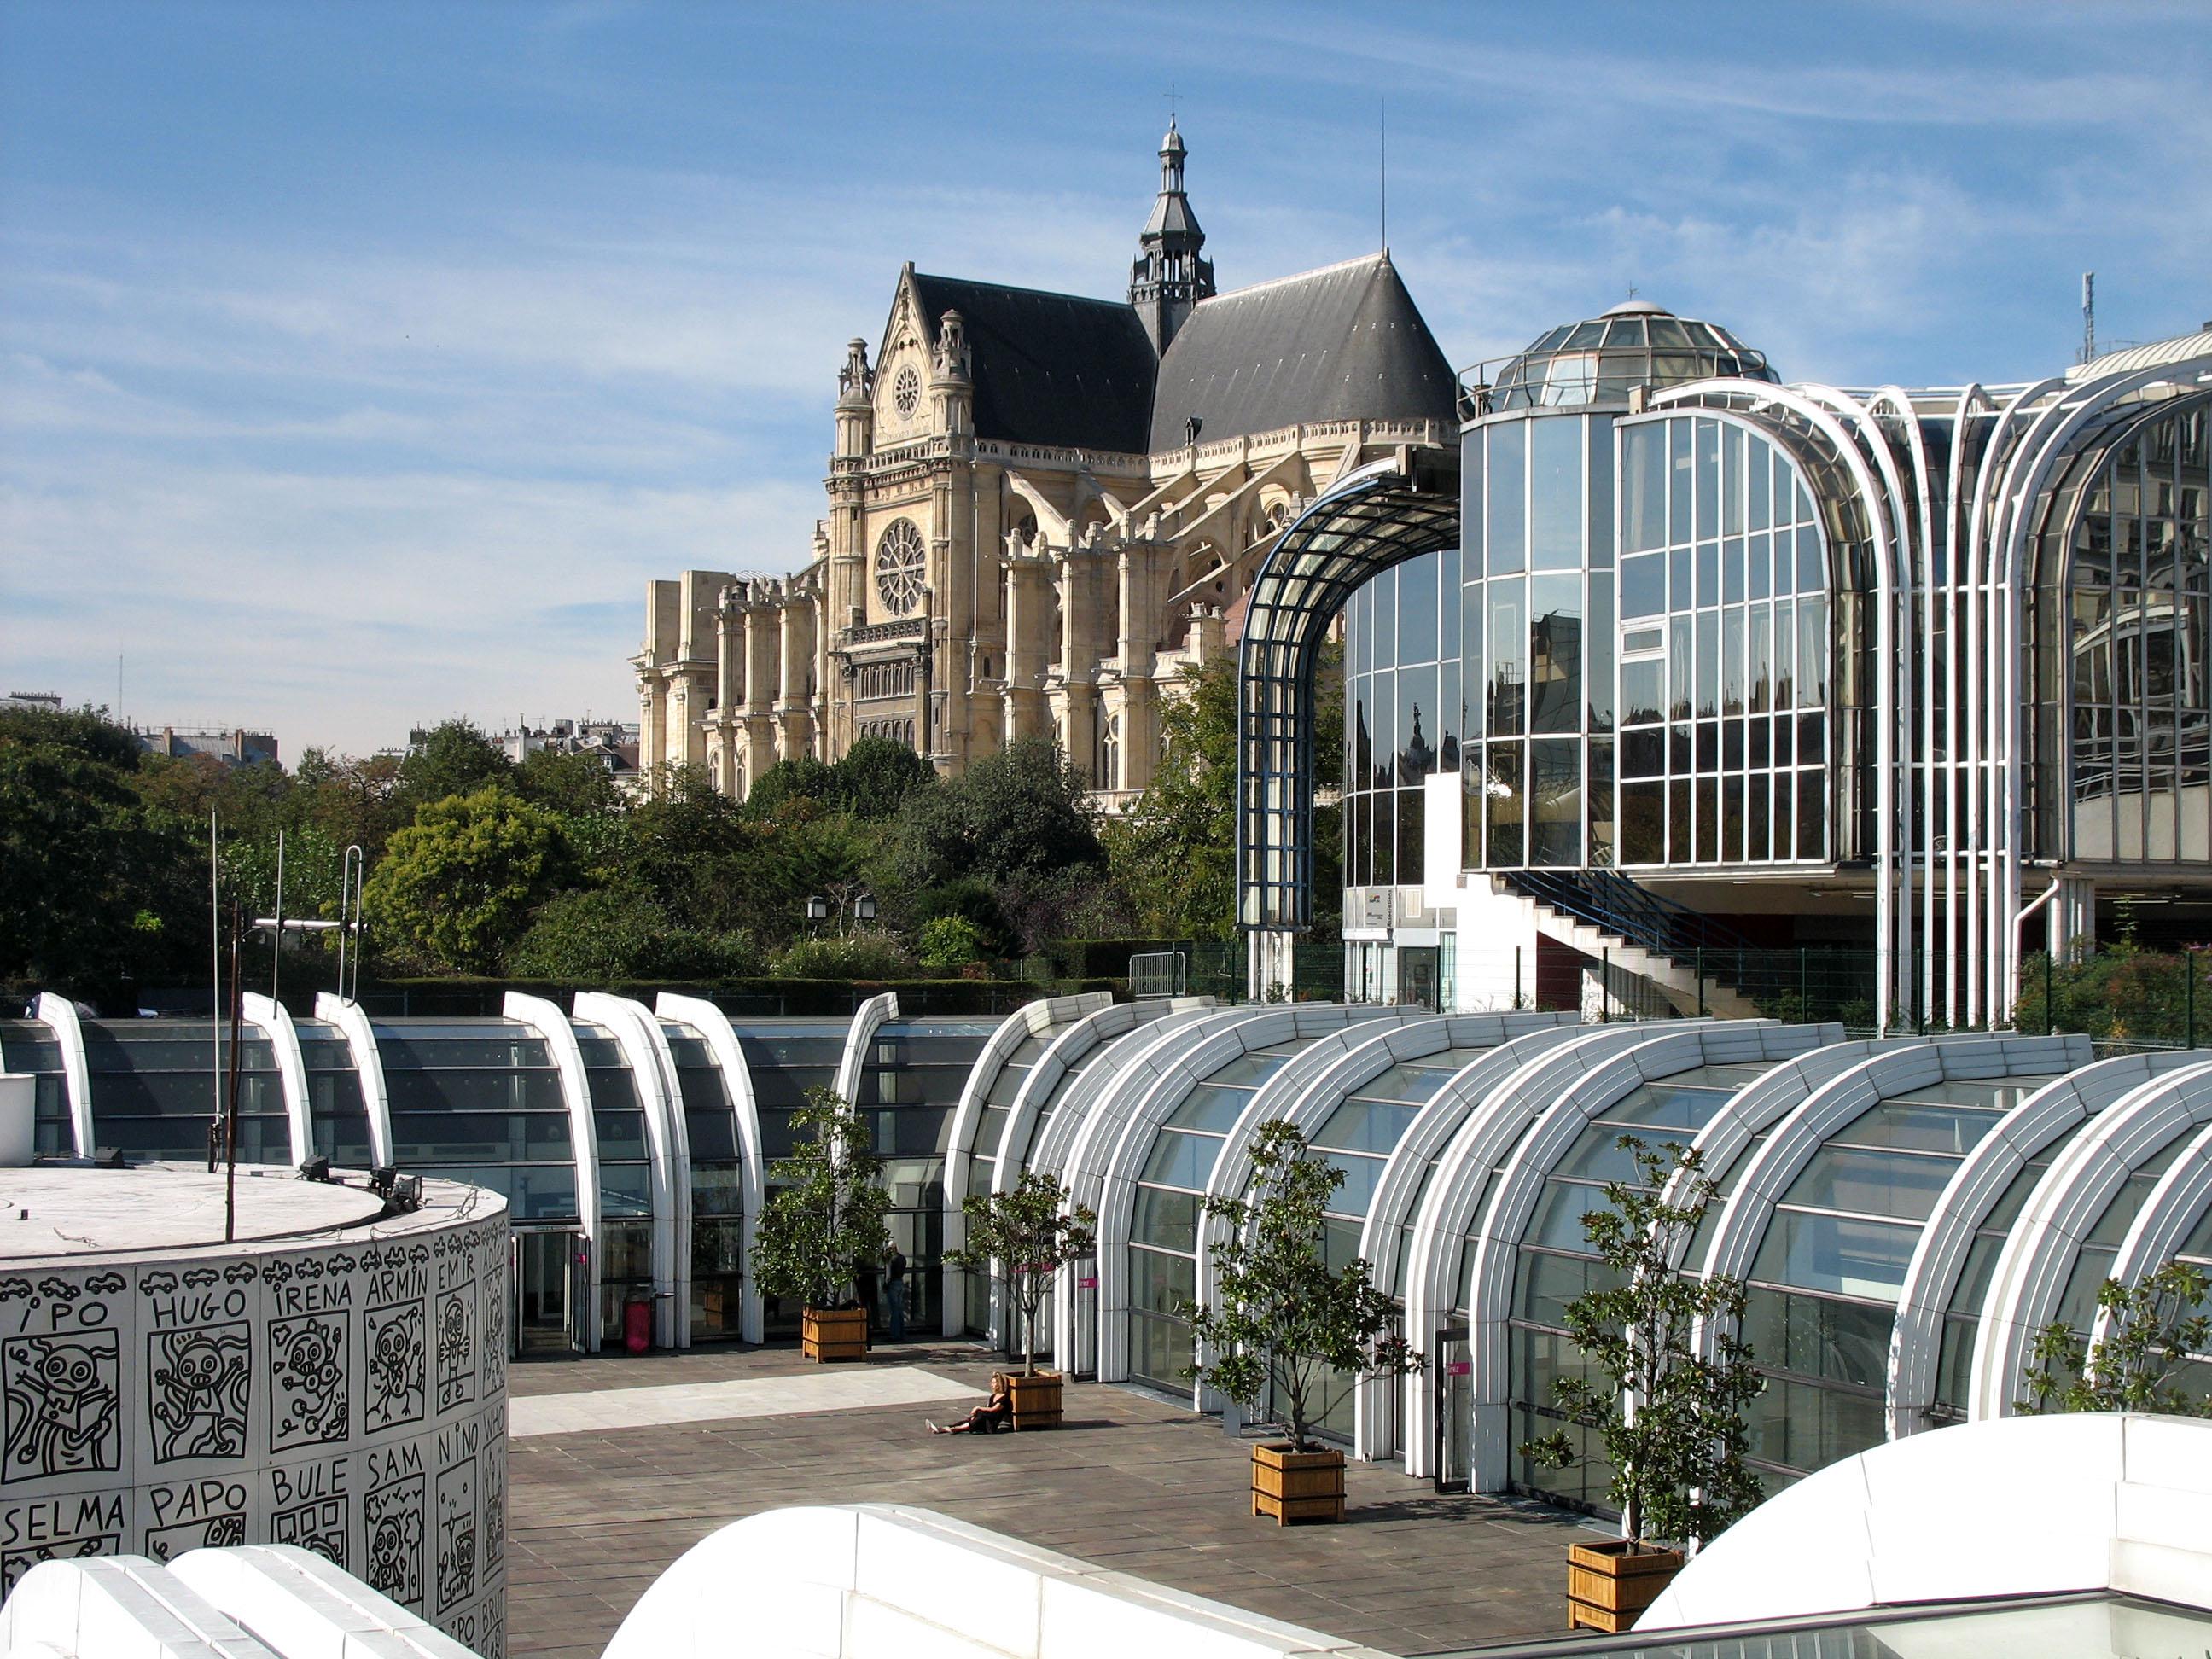 Aux halles sur freemages - Chatelet les halles paris ...